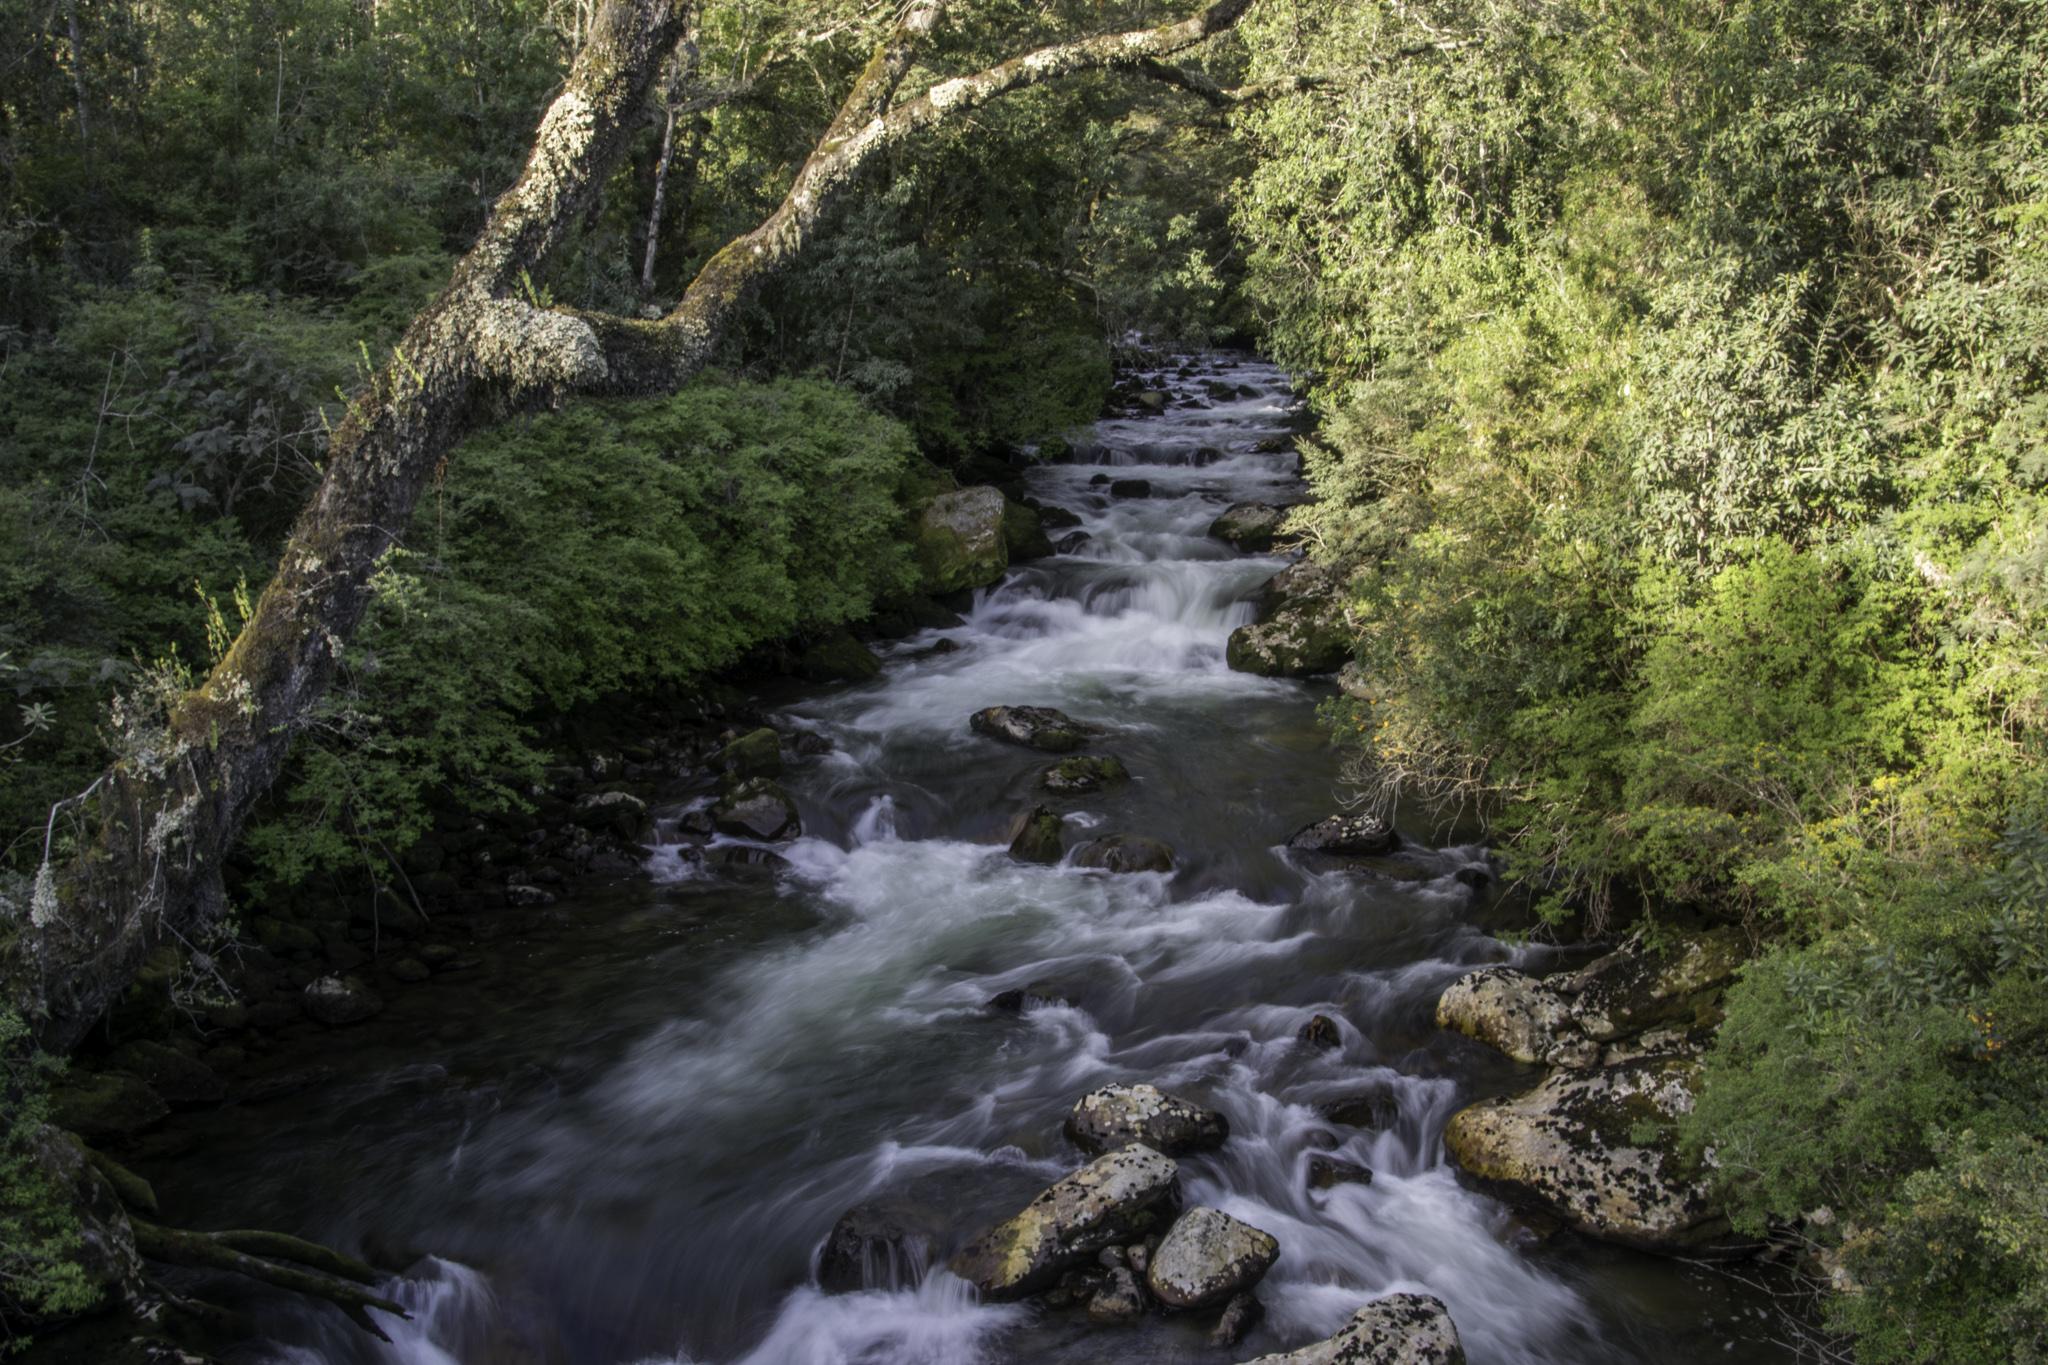 Wassersorgen hatten wir keine, solche Bäche und Flüsse passierten wir laufend